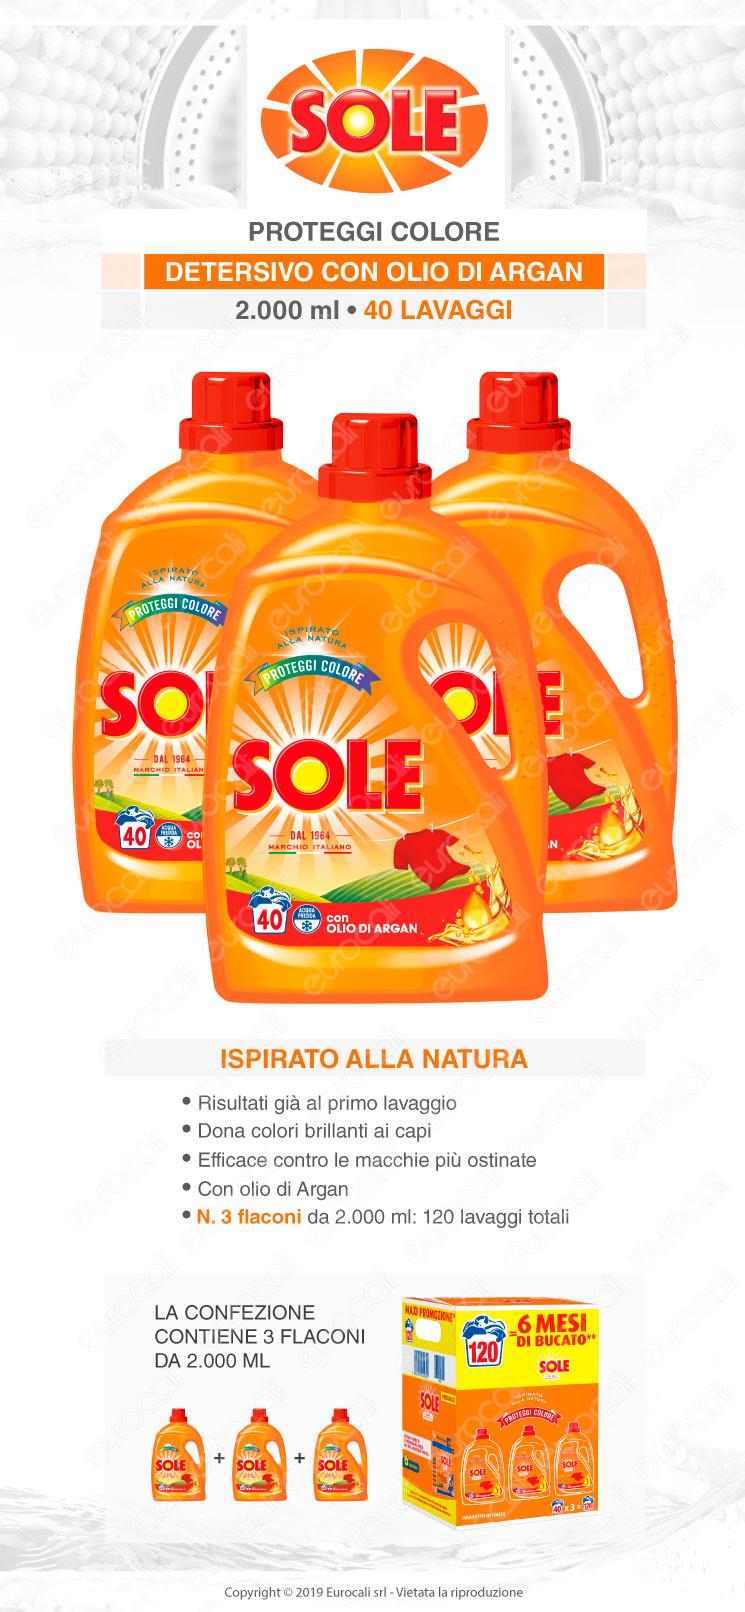 Kit Risparmio Sole Proteggi Colore Detersivo Liquido per Lavatrice - 3x2000ml